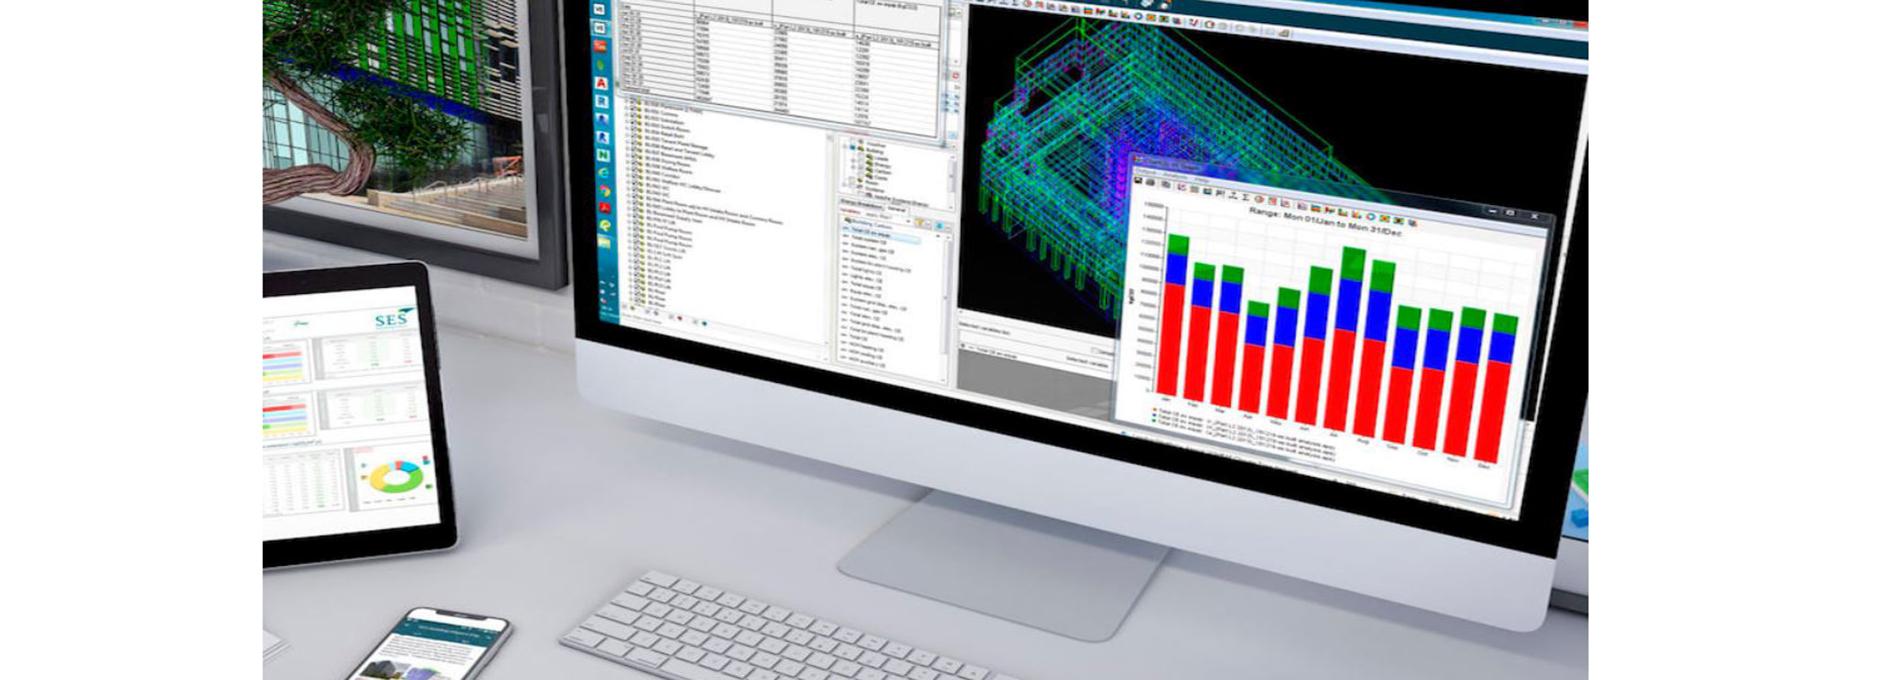 Digital Engineering Image